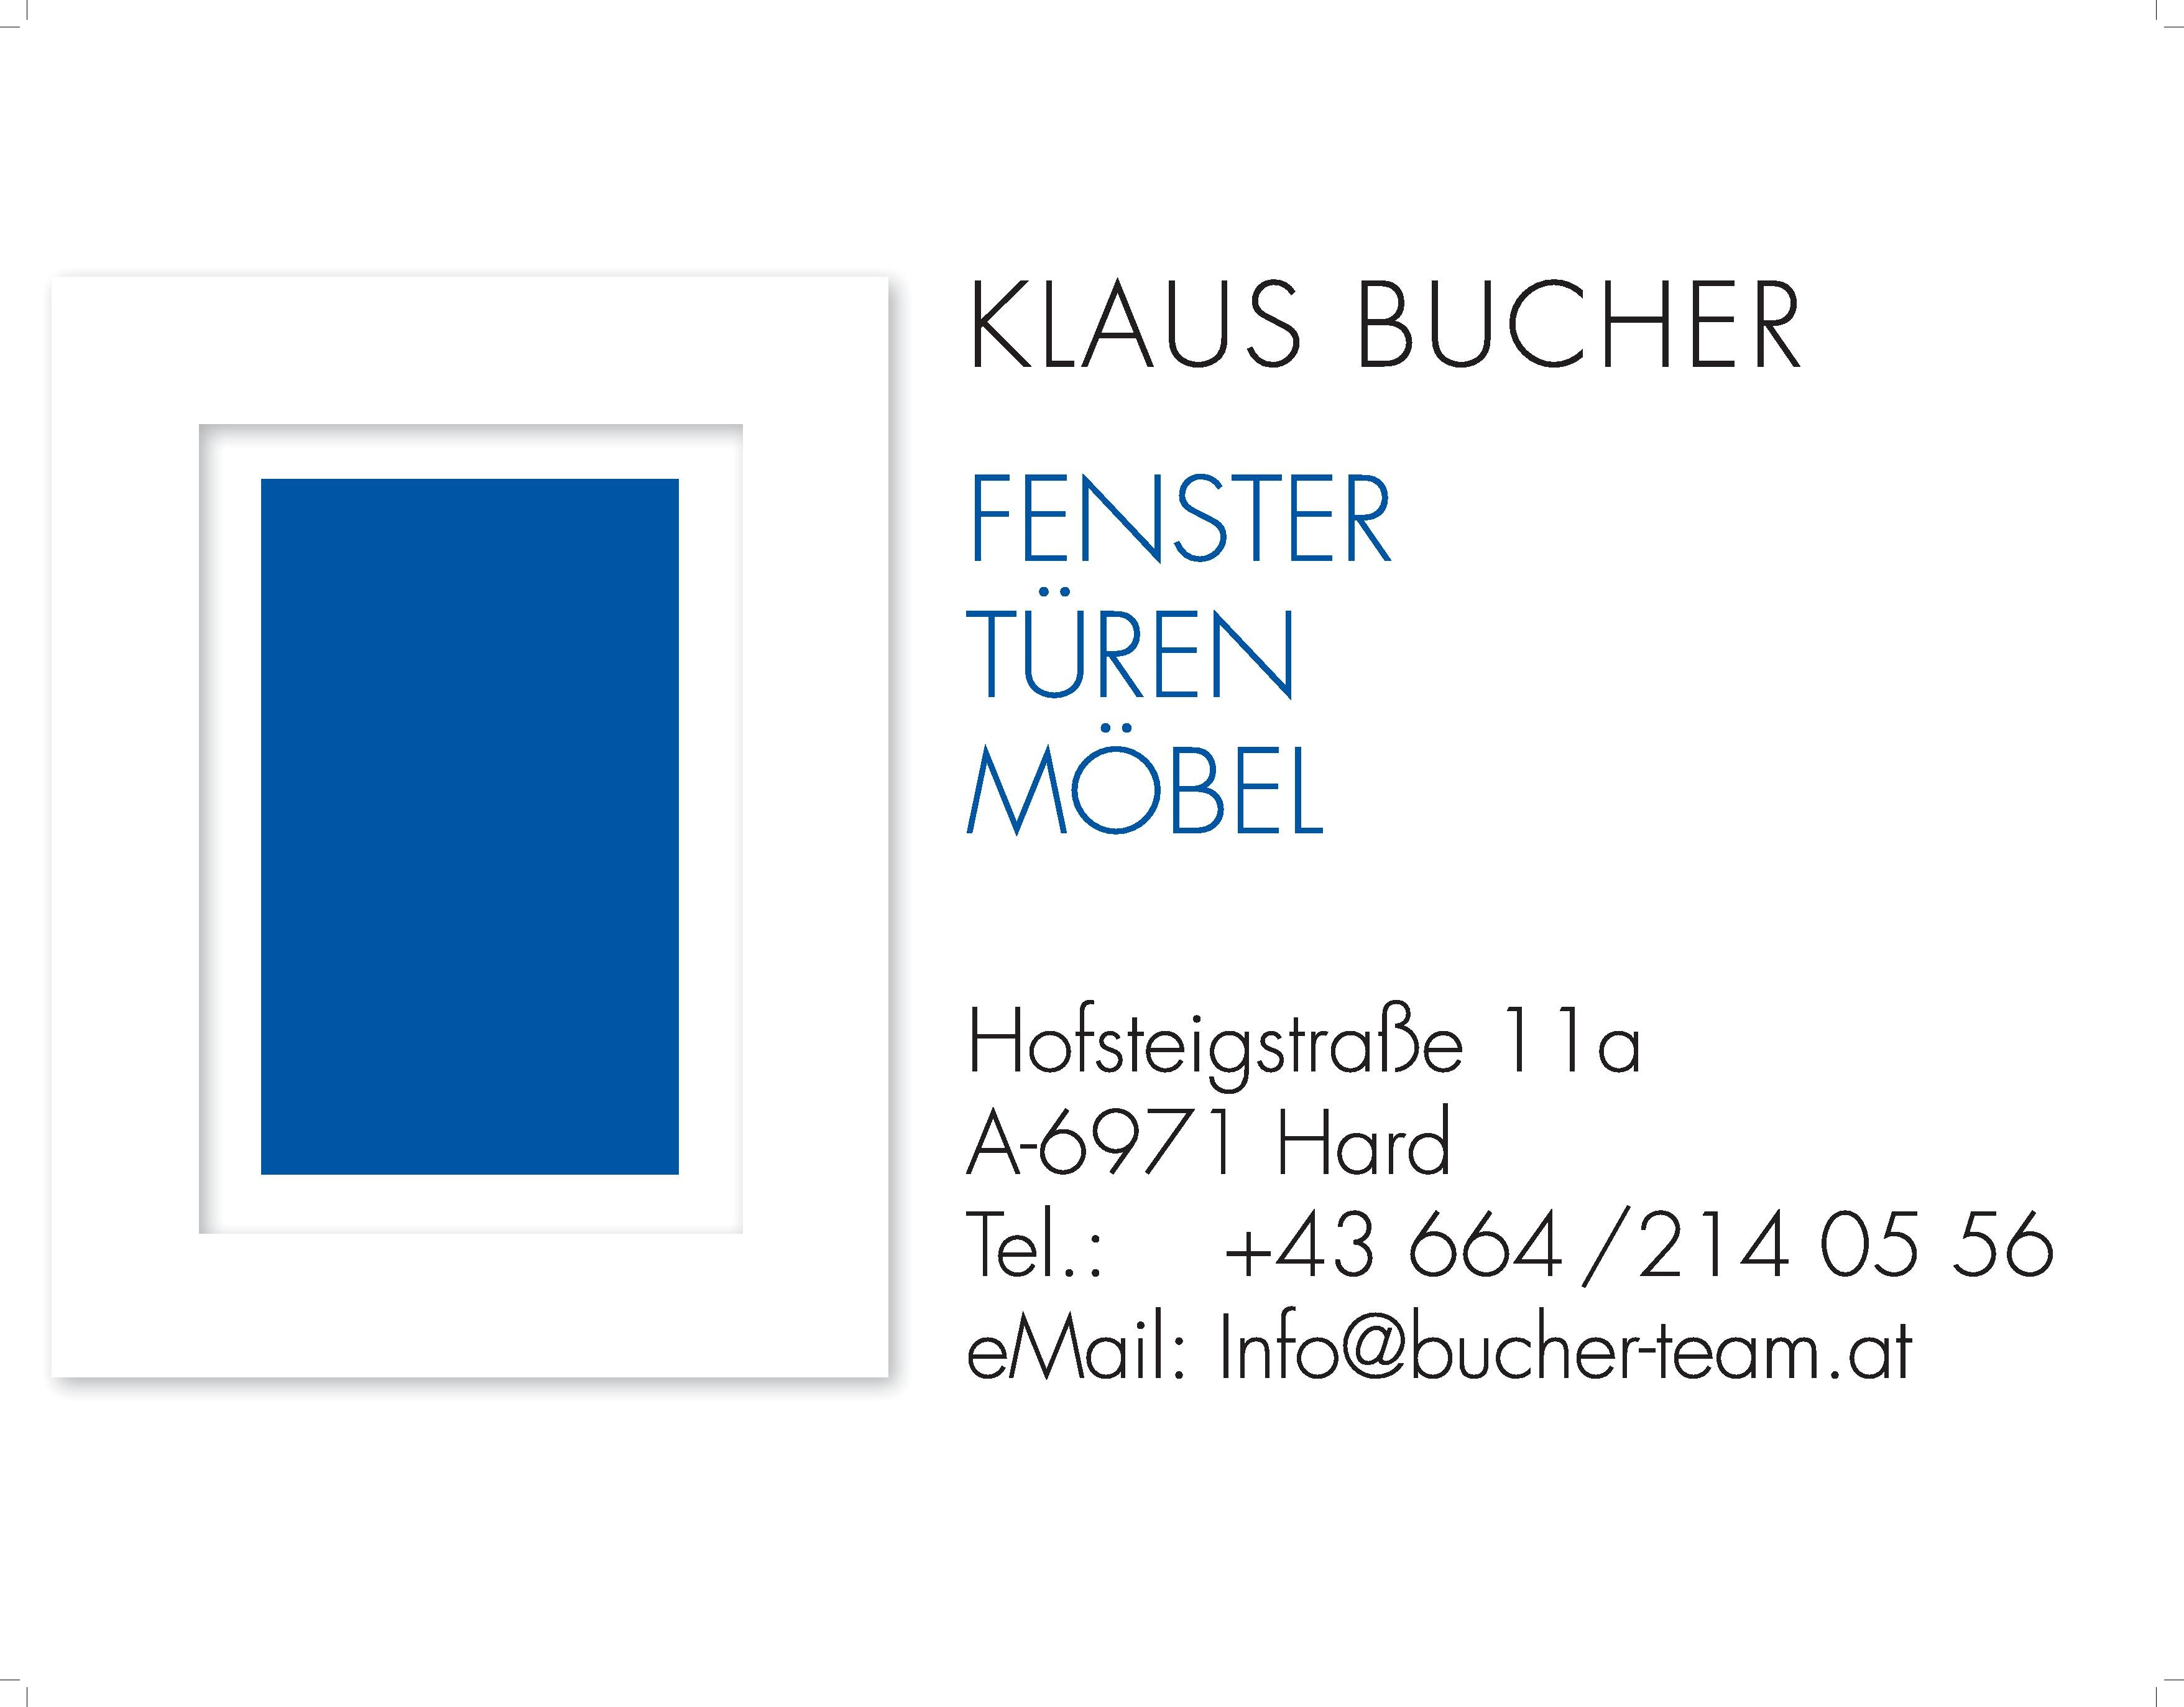 Versicherungsmakler, Vorsorgespezialist und Kreditmakler B-Quadrat aus Dornbirn (Vorarlberg)   Referenz: Tischler Klaus Bucher